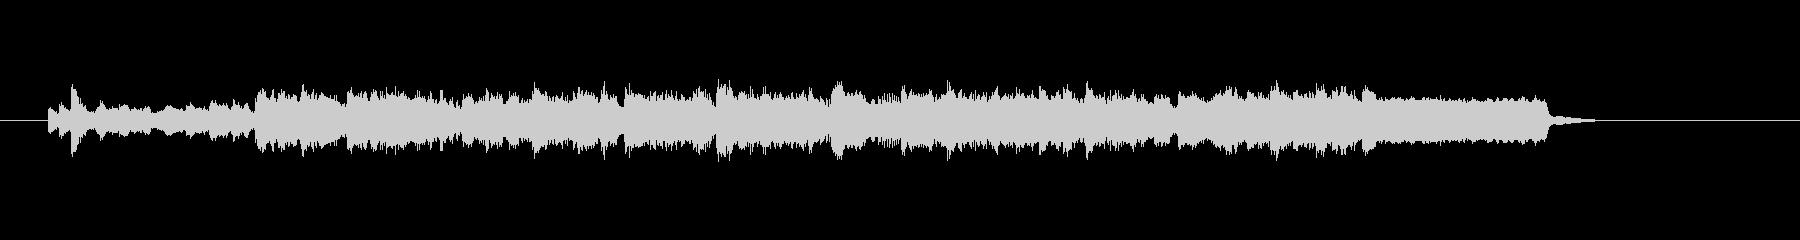 弦とピアノの重厚な響きの未再生の波形